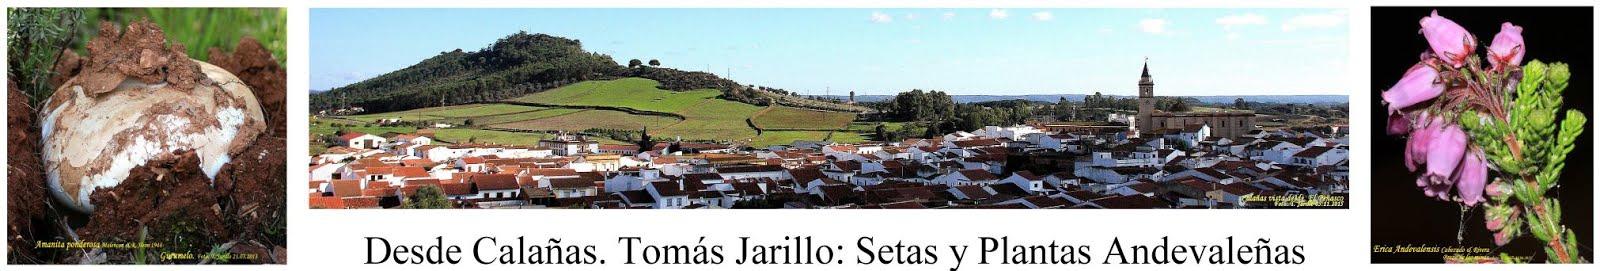 Desde Calañas: Setas y Plantas Andevaleñas. Tomás Jarillo